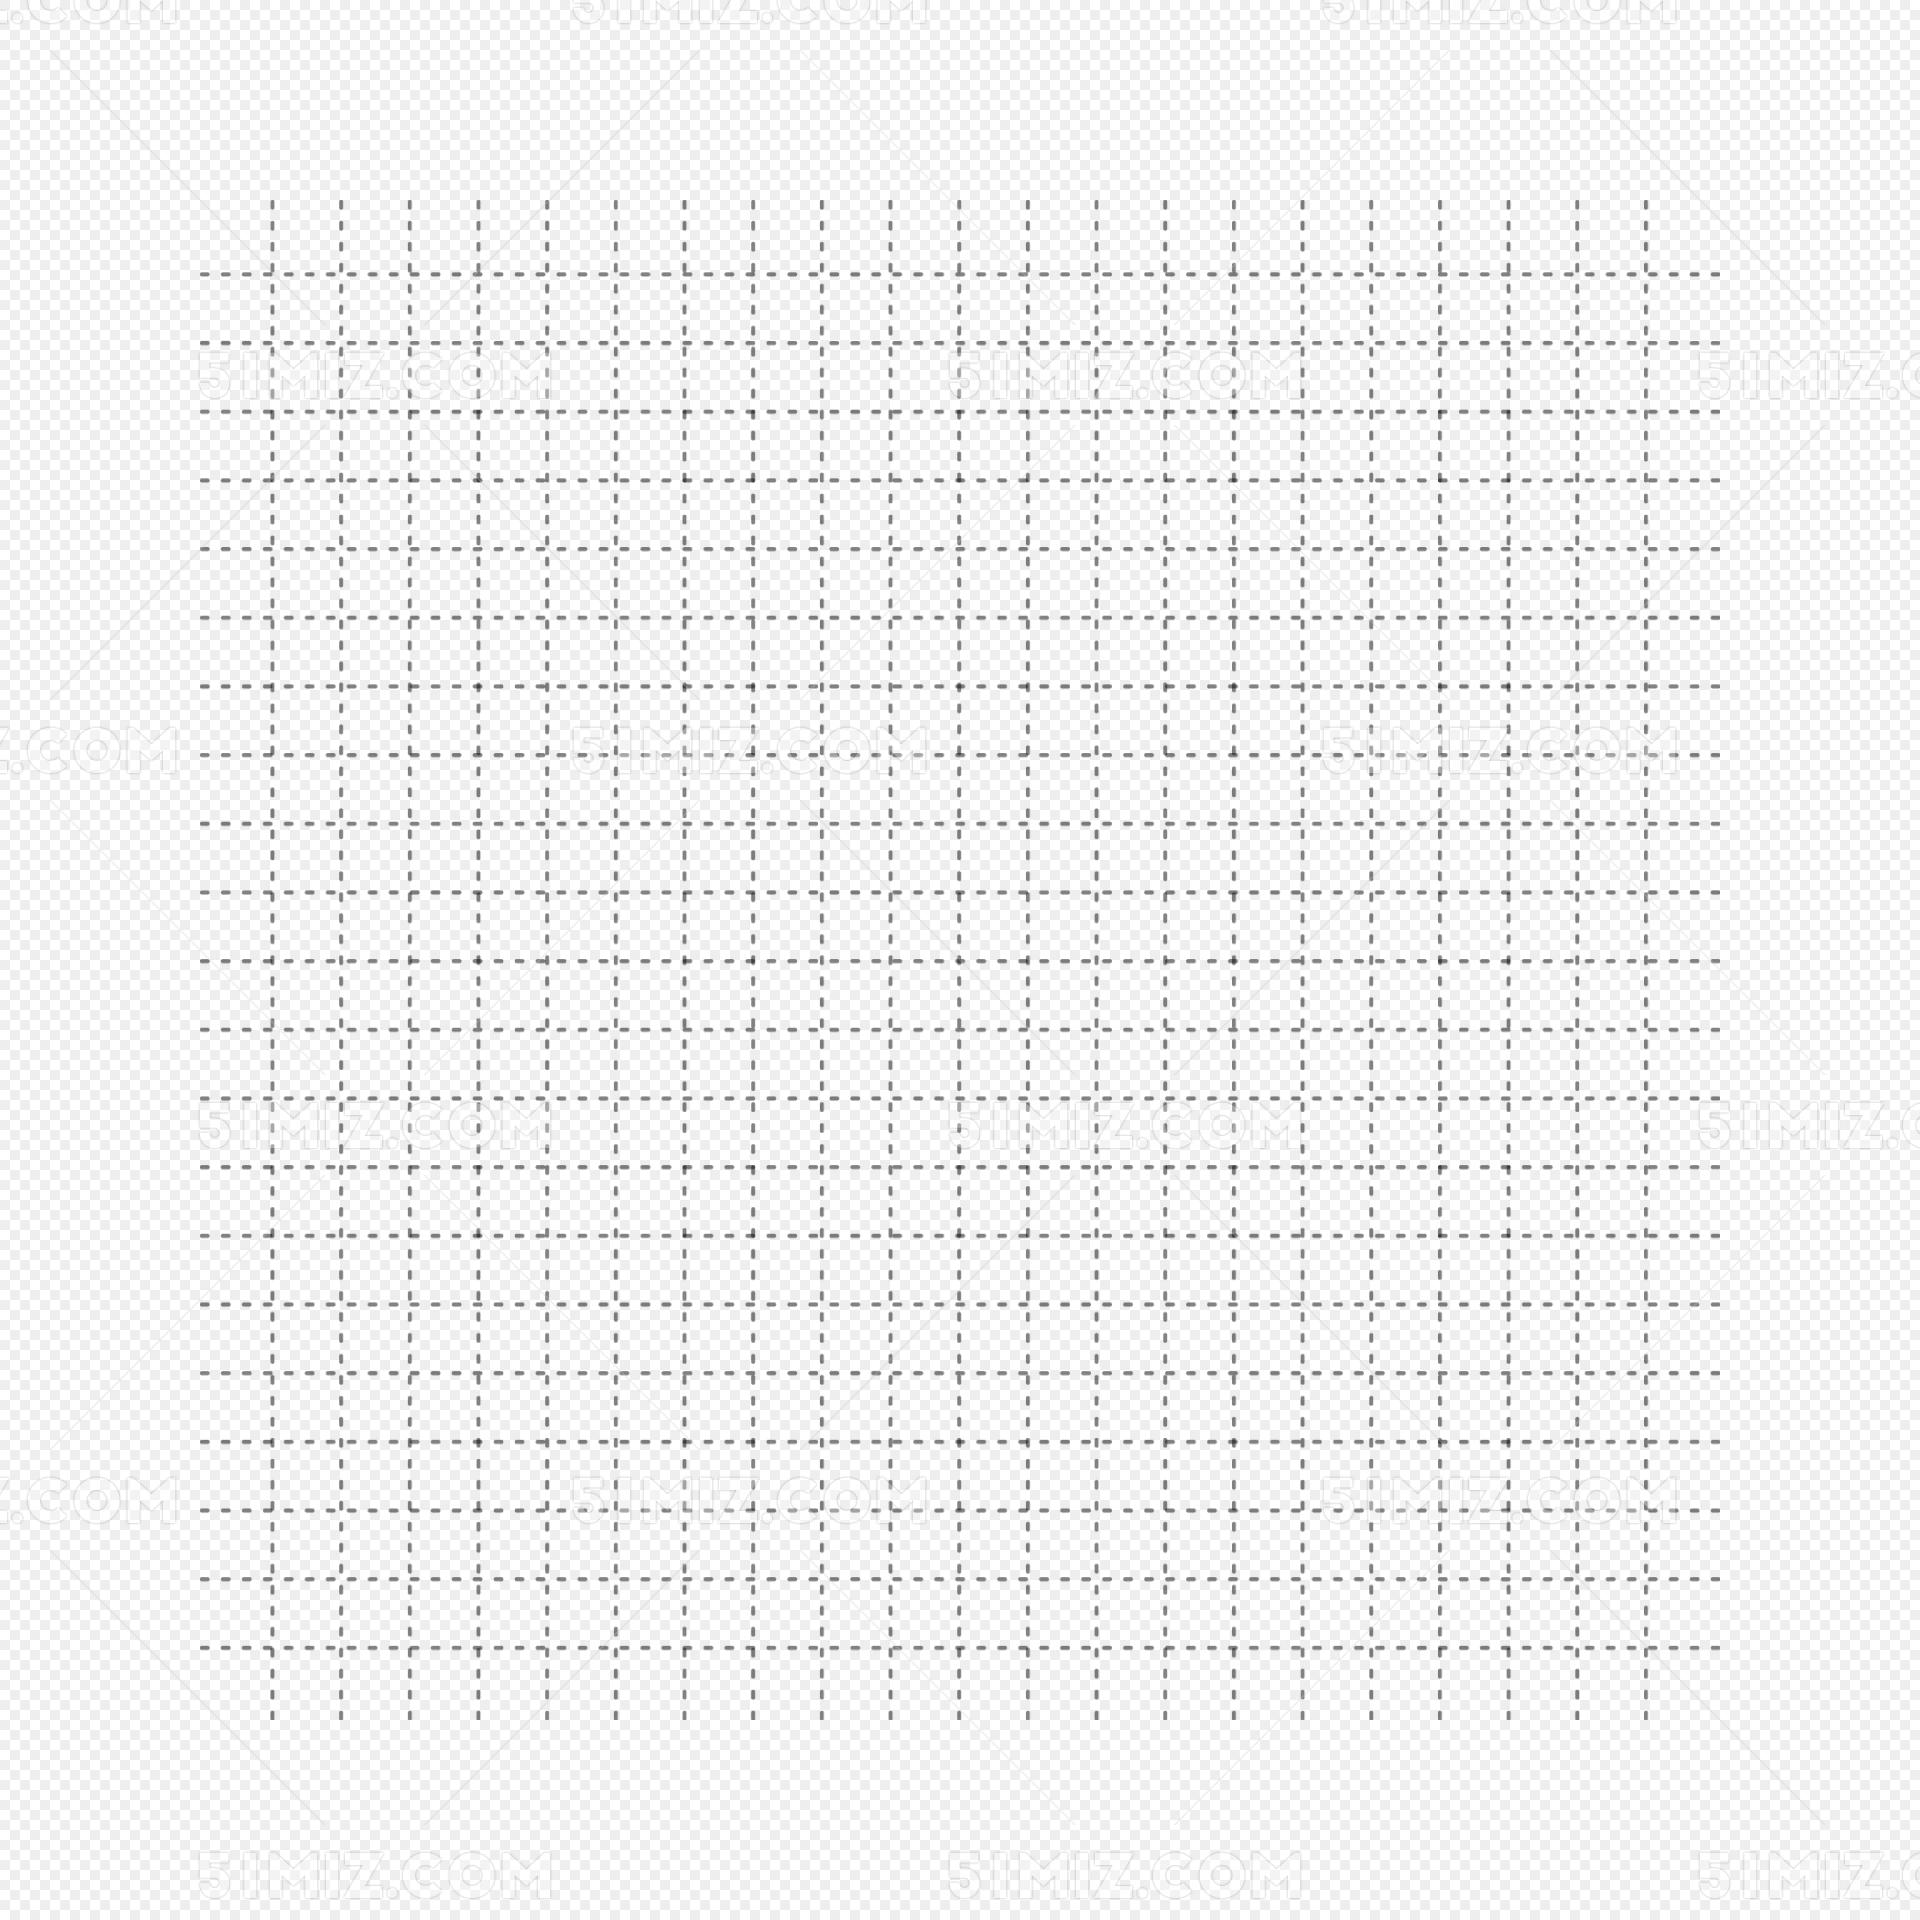 矢量手绘虚线横竖线表格网格格子图片素材免费下载 觅知网